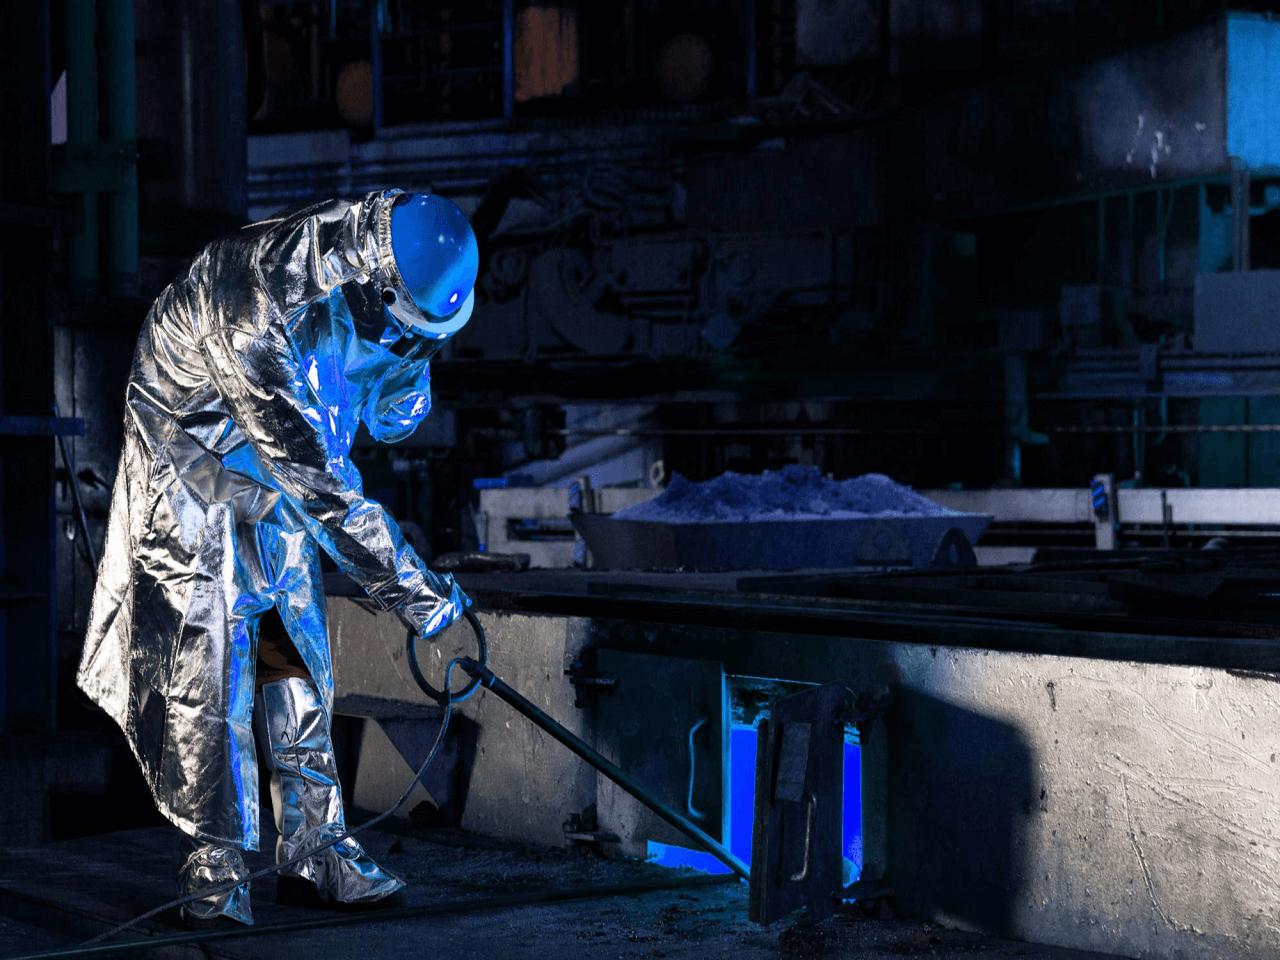 Avrupalı Üreticiler Çelik Korunma Önleminin Uzatılmasını İstiyor